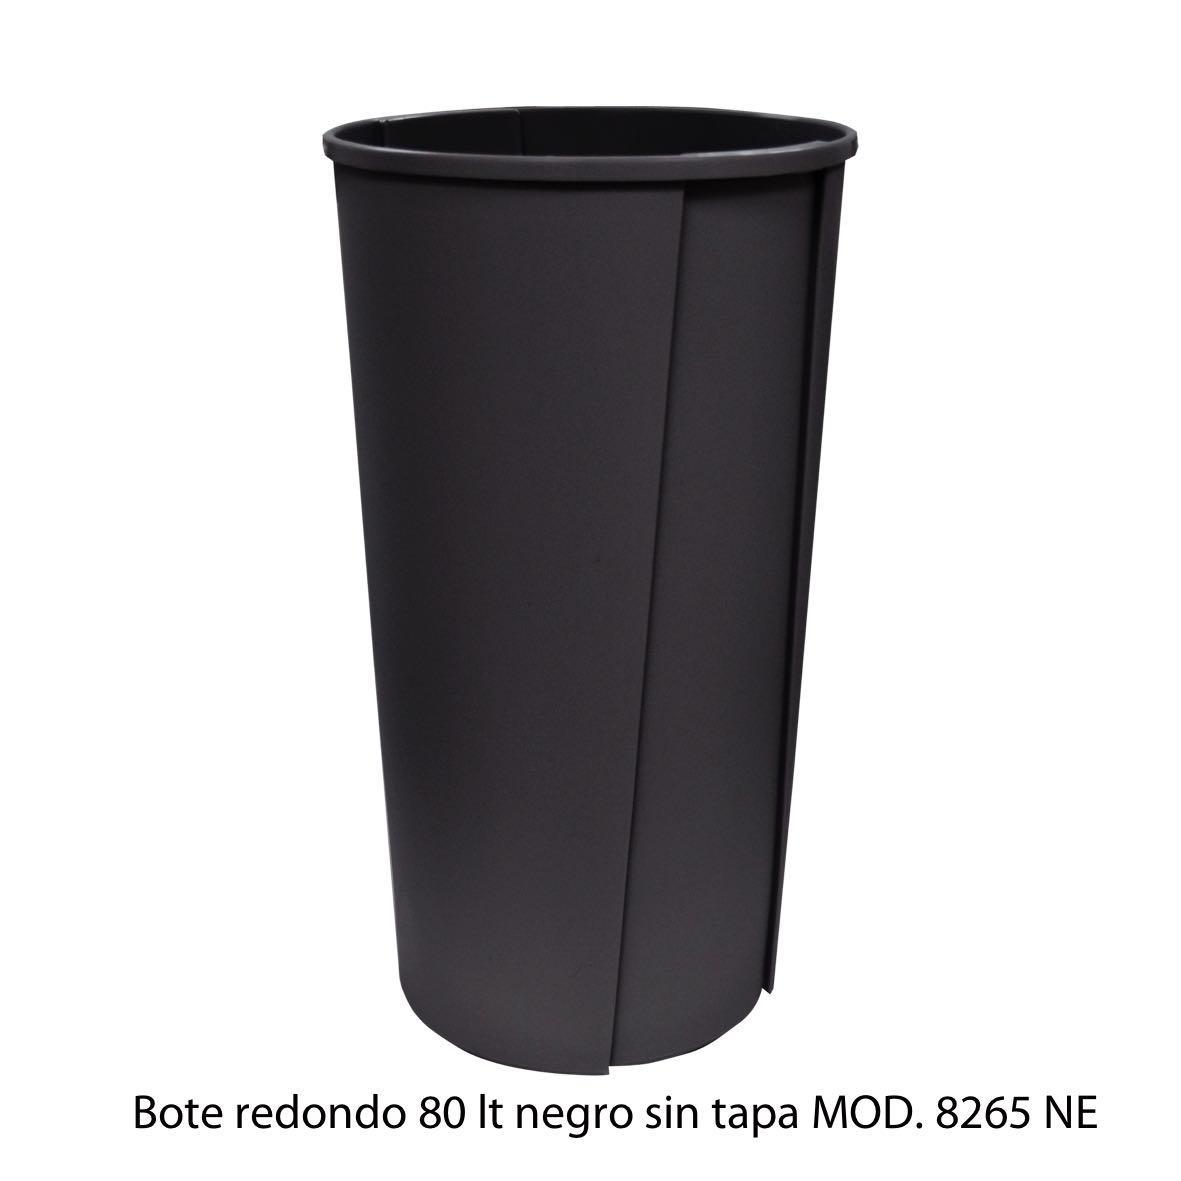 Bote de basura redondo sin tapa de 80 litros negro modelo 8265 NE Sablón